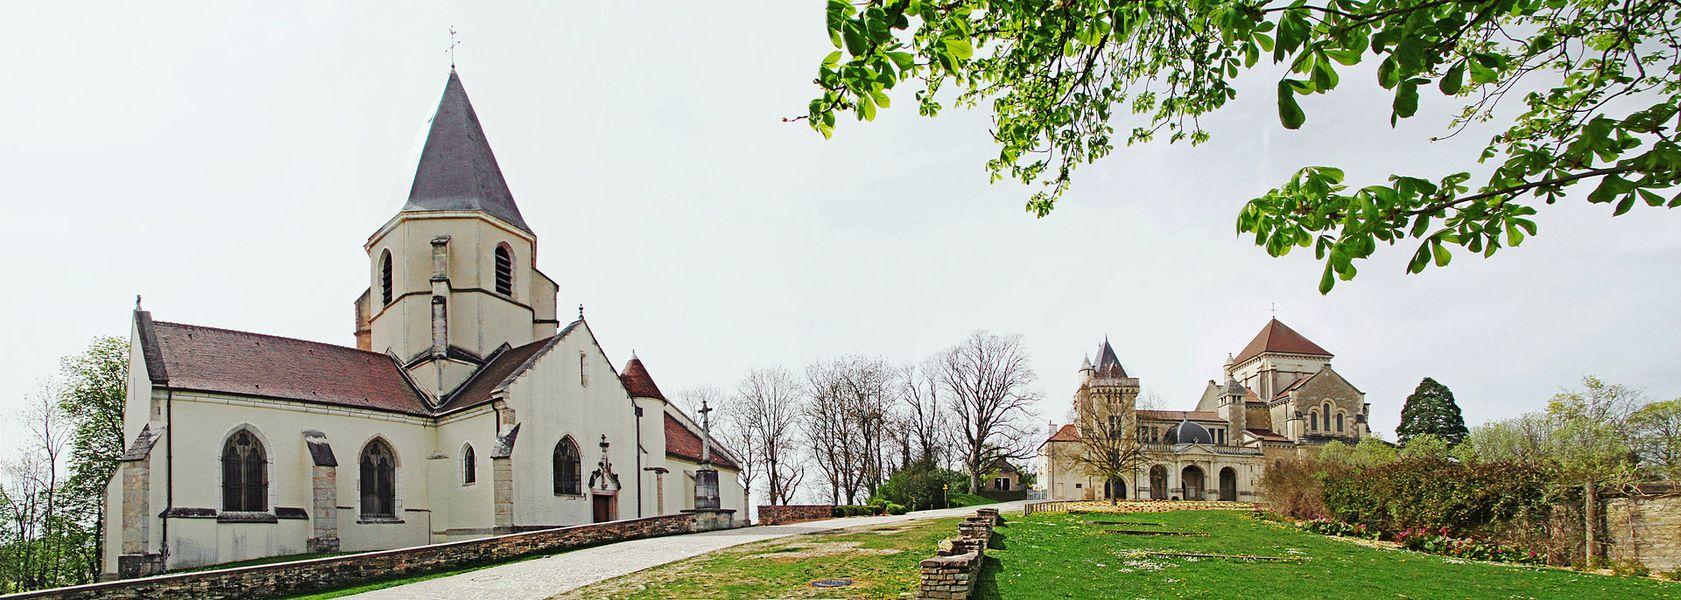 Église et basilique de Fontaine-lès-Dijon